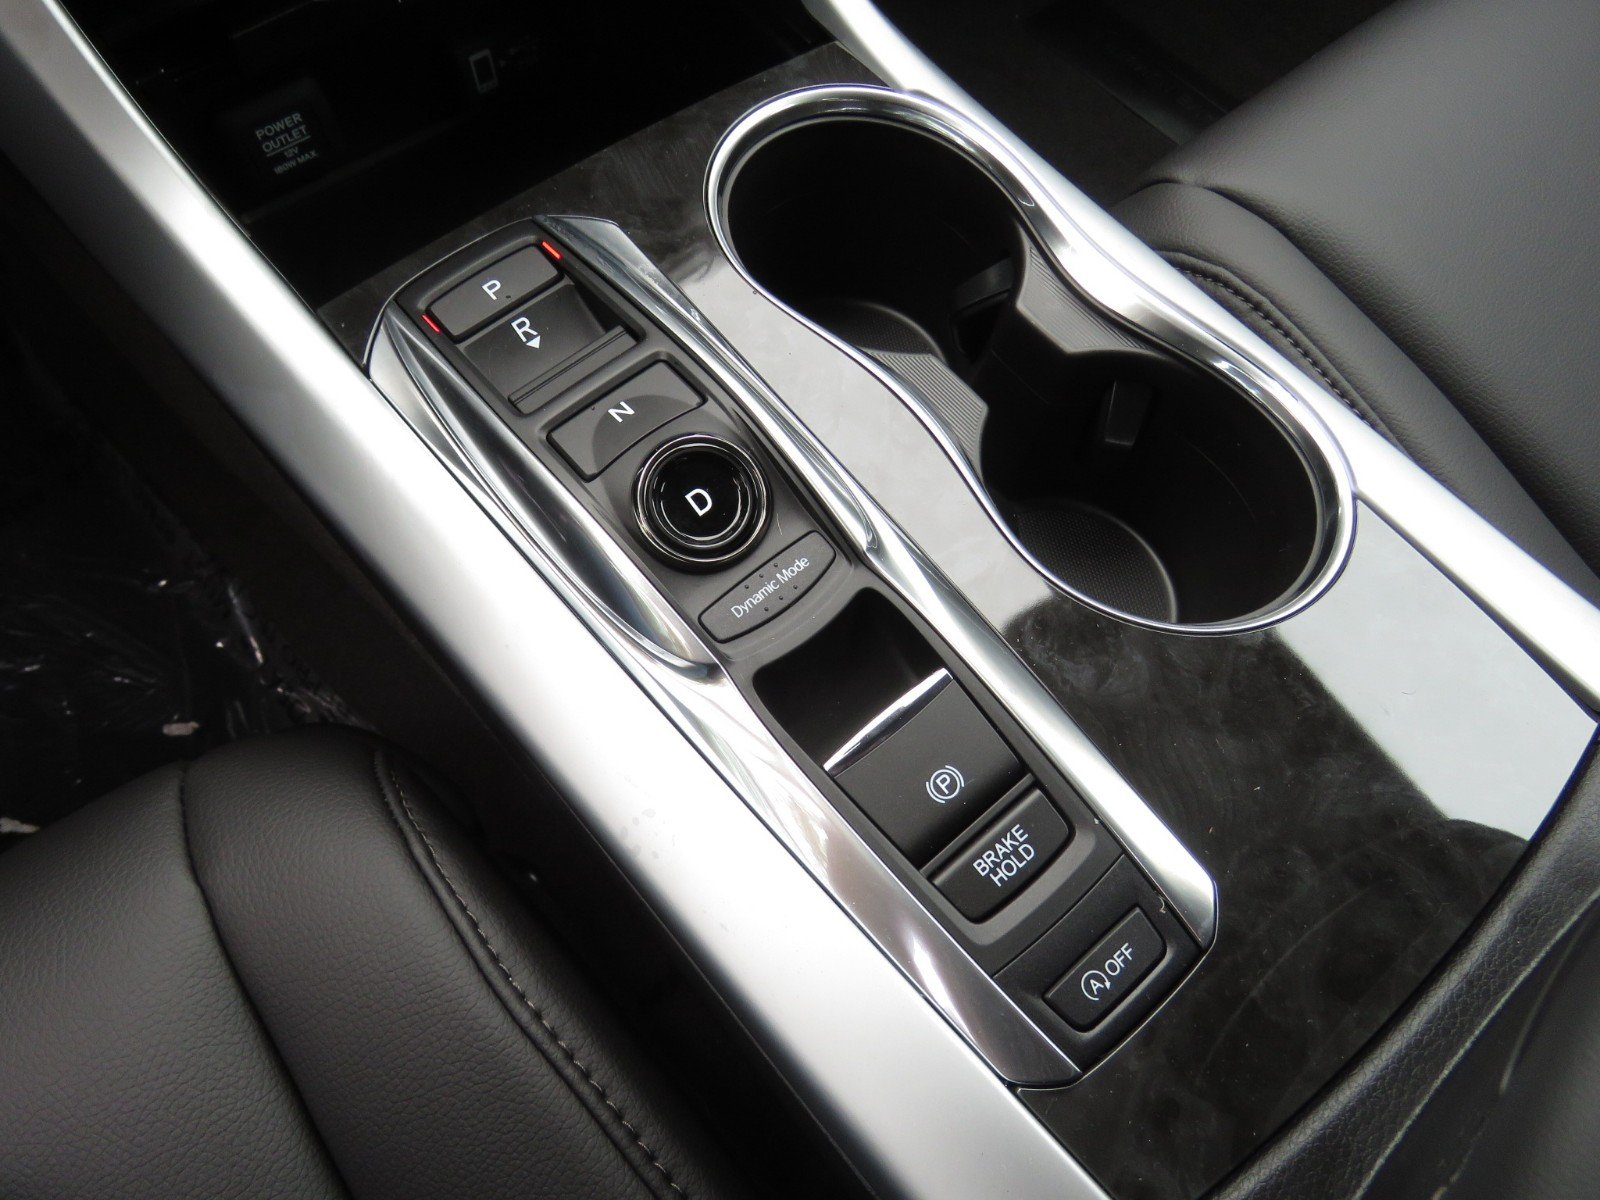 2019 Acura TLX 3.5 V-6 9-AT SH-AWD